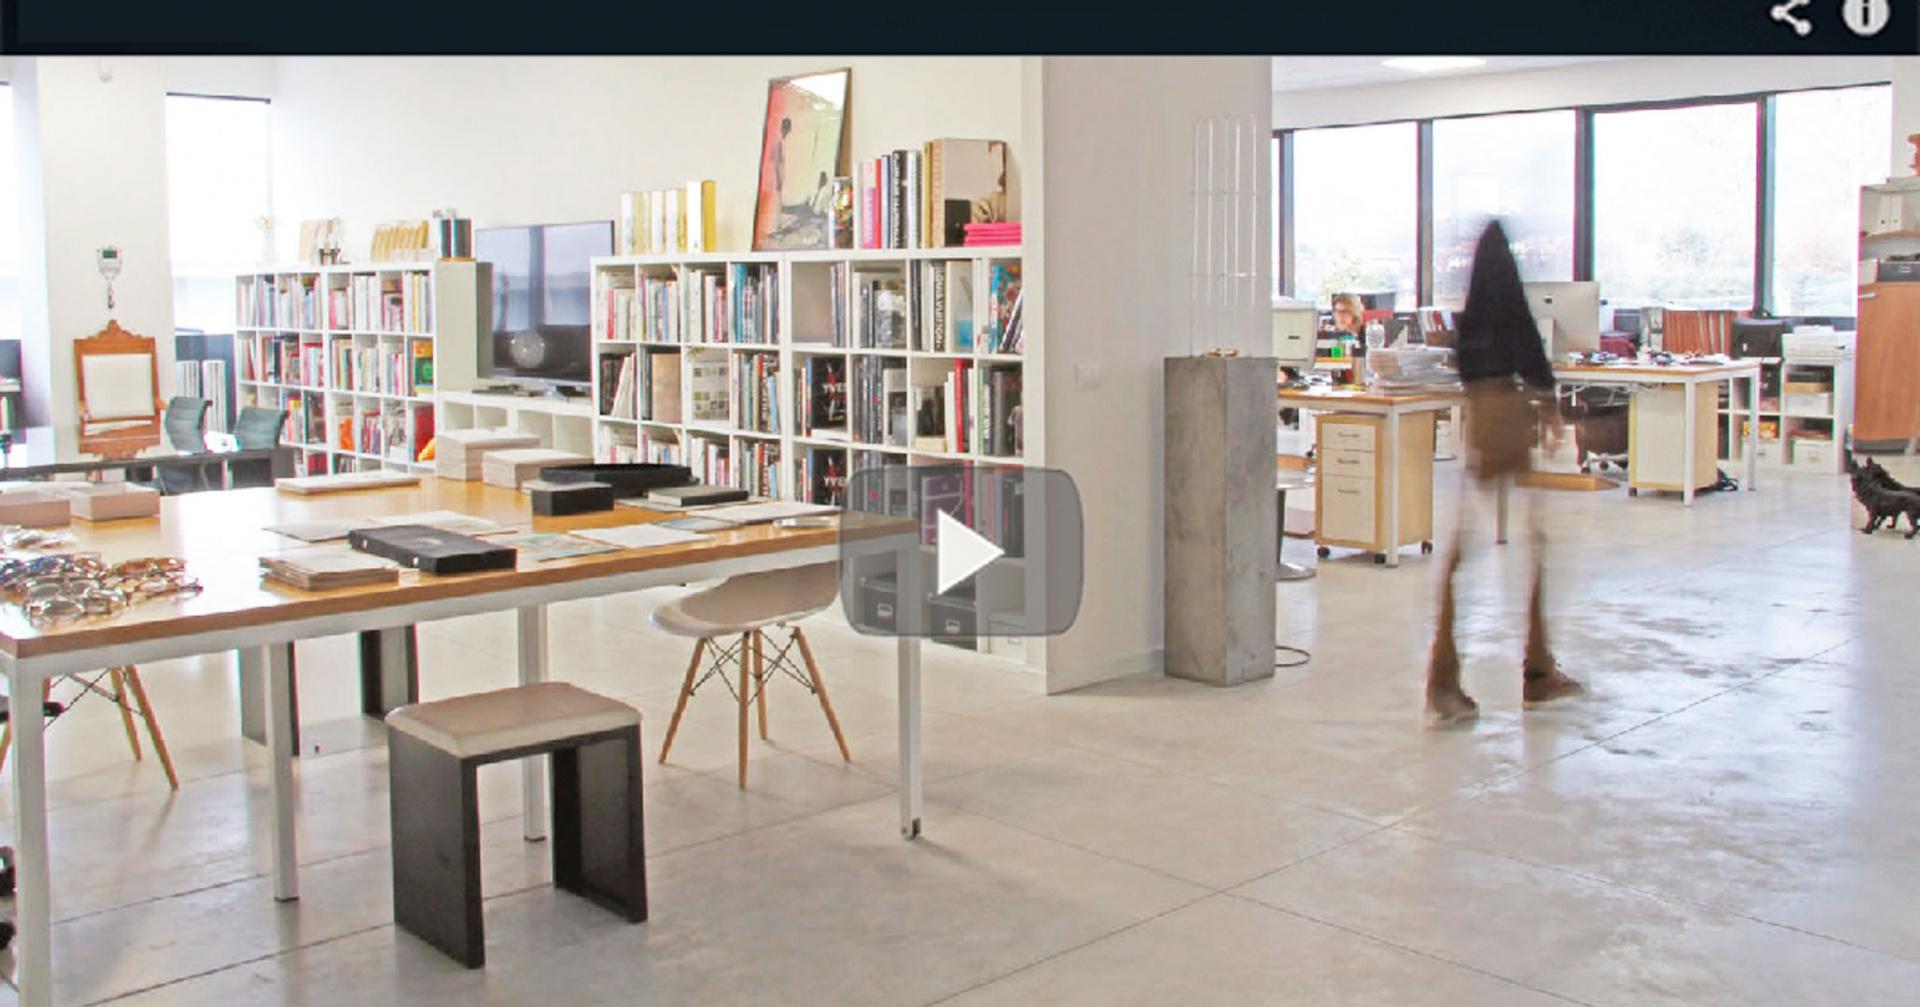 Pavimenti In Cemento Prezzi : Pavimenti per negozi e uffici